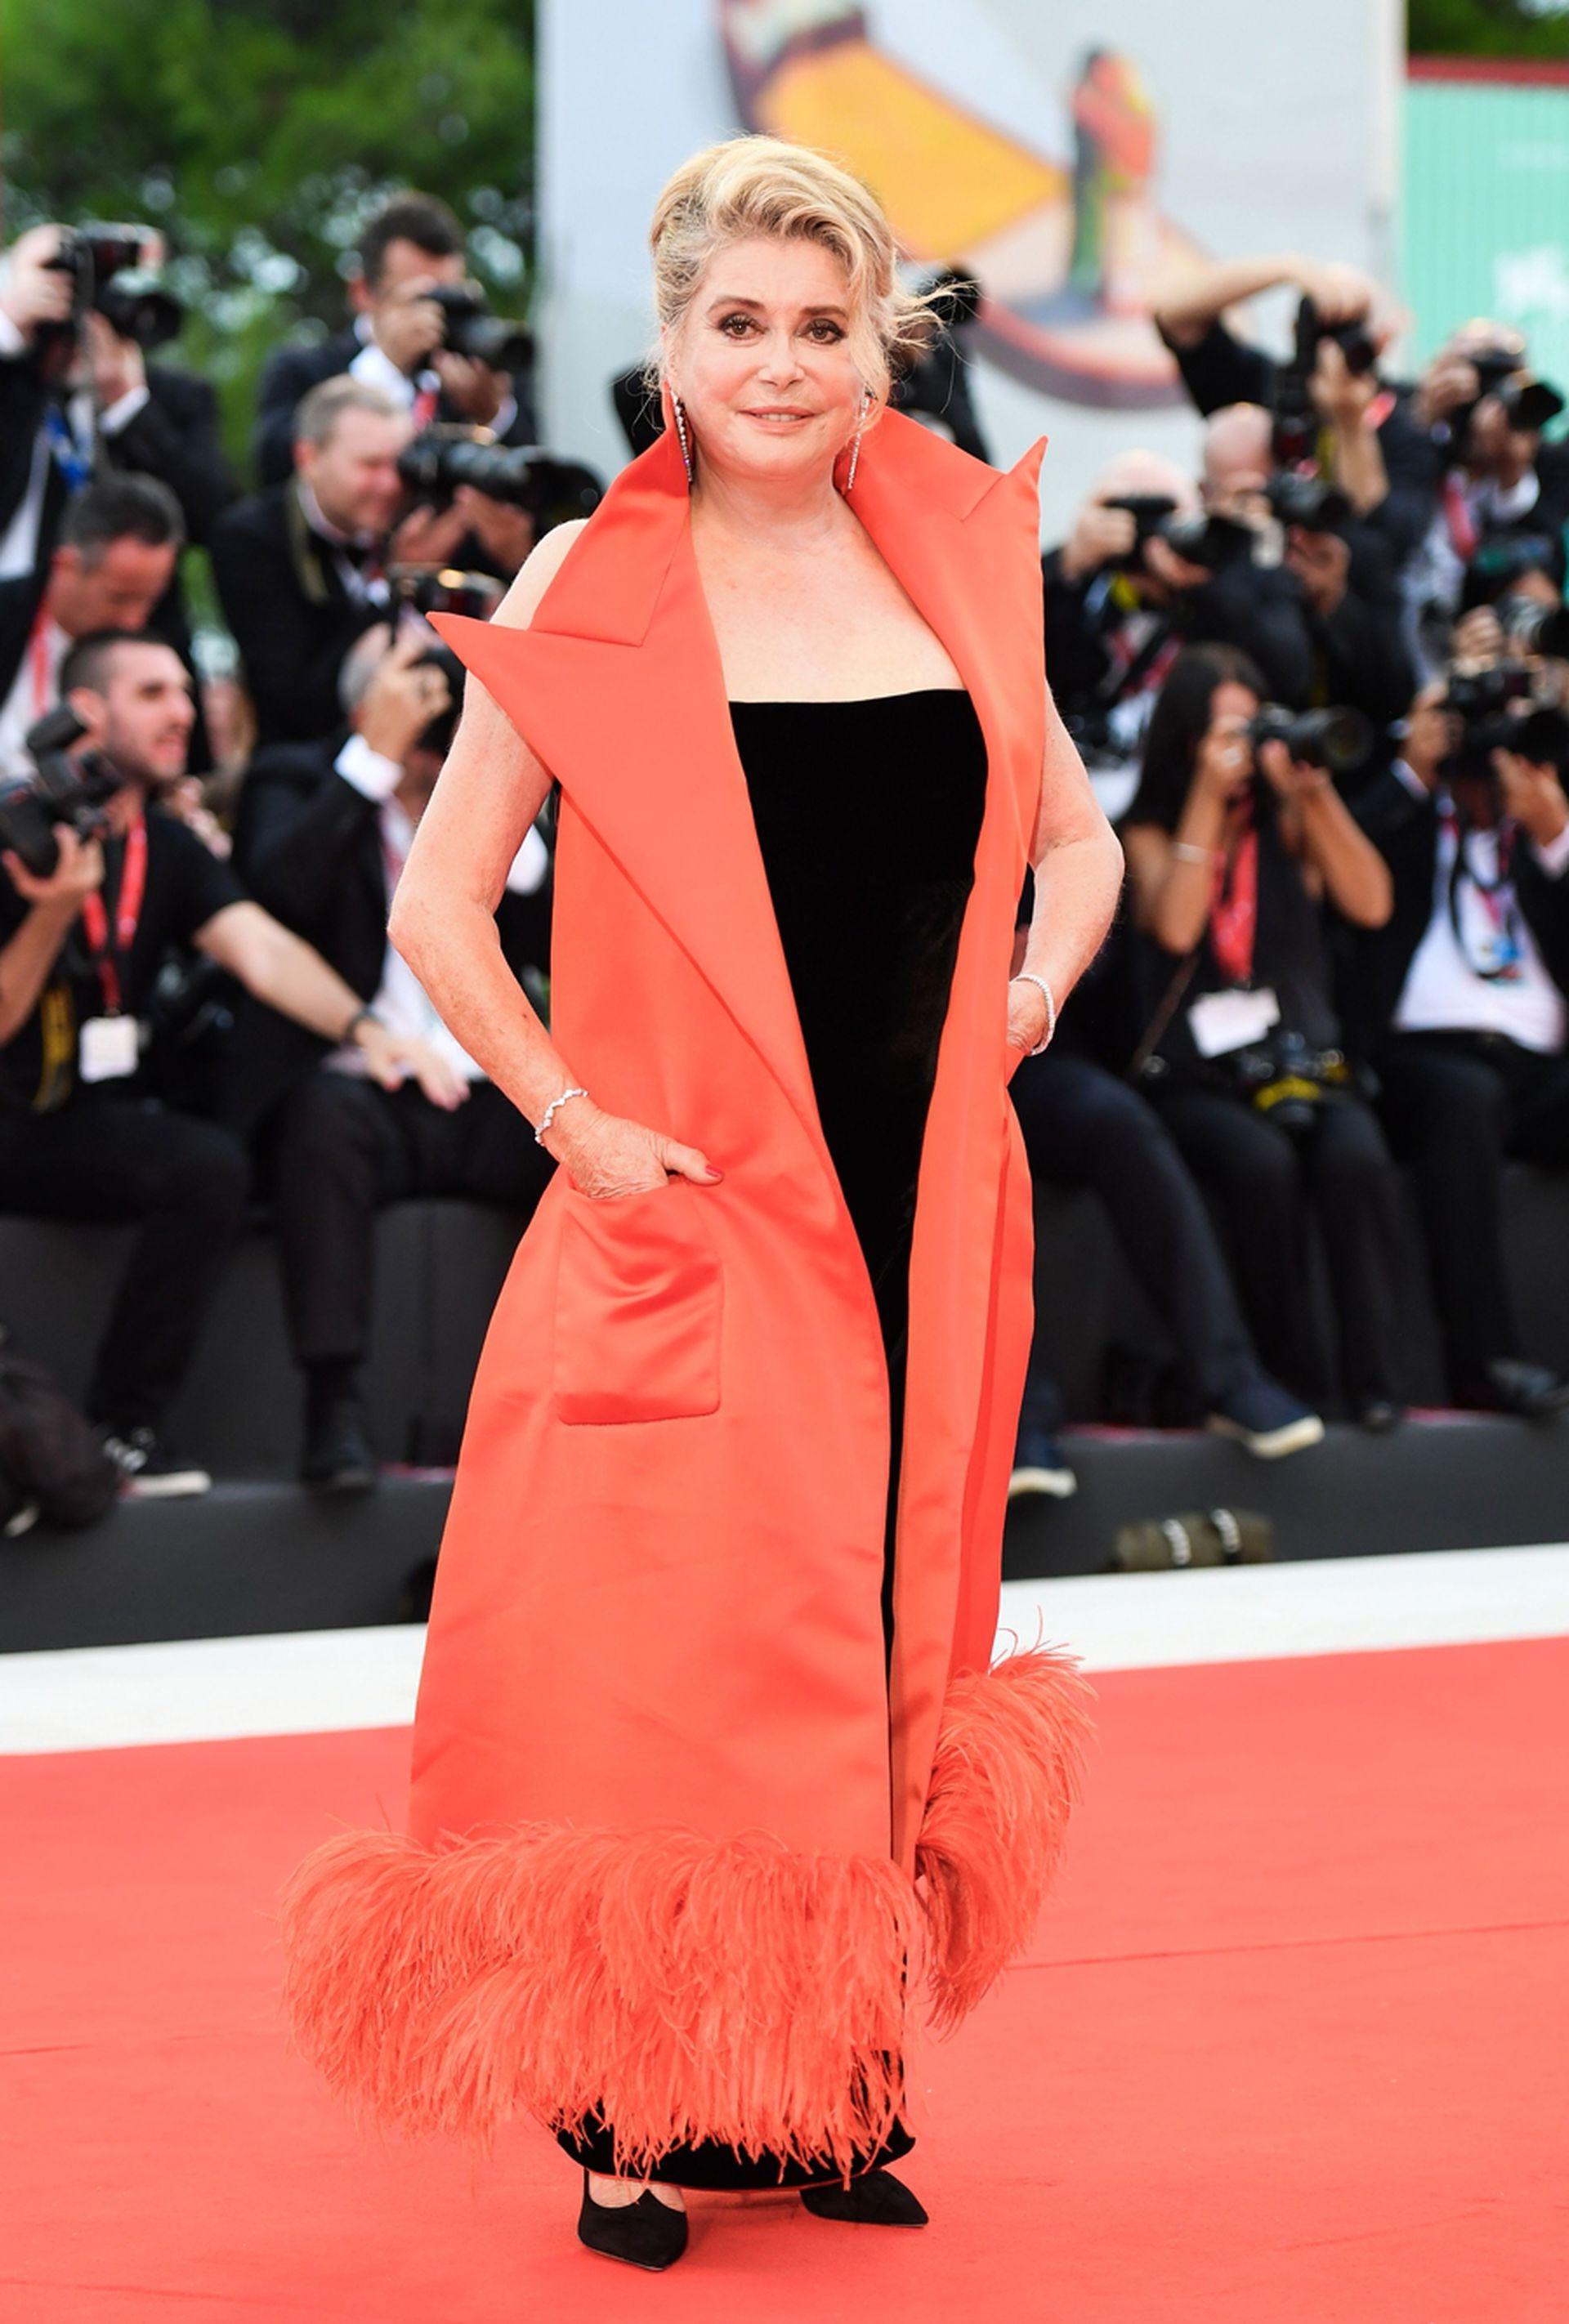 Deneuve recurrió al siempre ocurrente Jean Paul Gaultier: vestido de terciopelo negro con escote recto y maxi chaleco de satén naranja con detalle de plumas